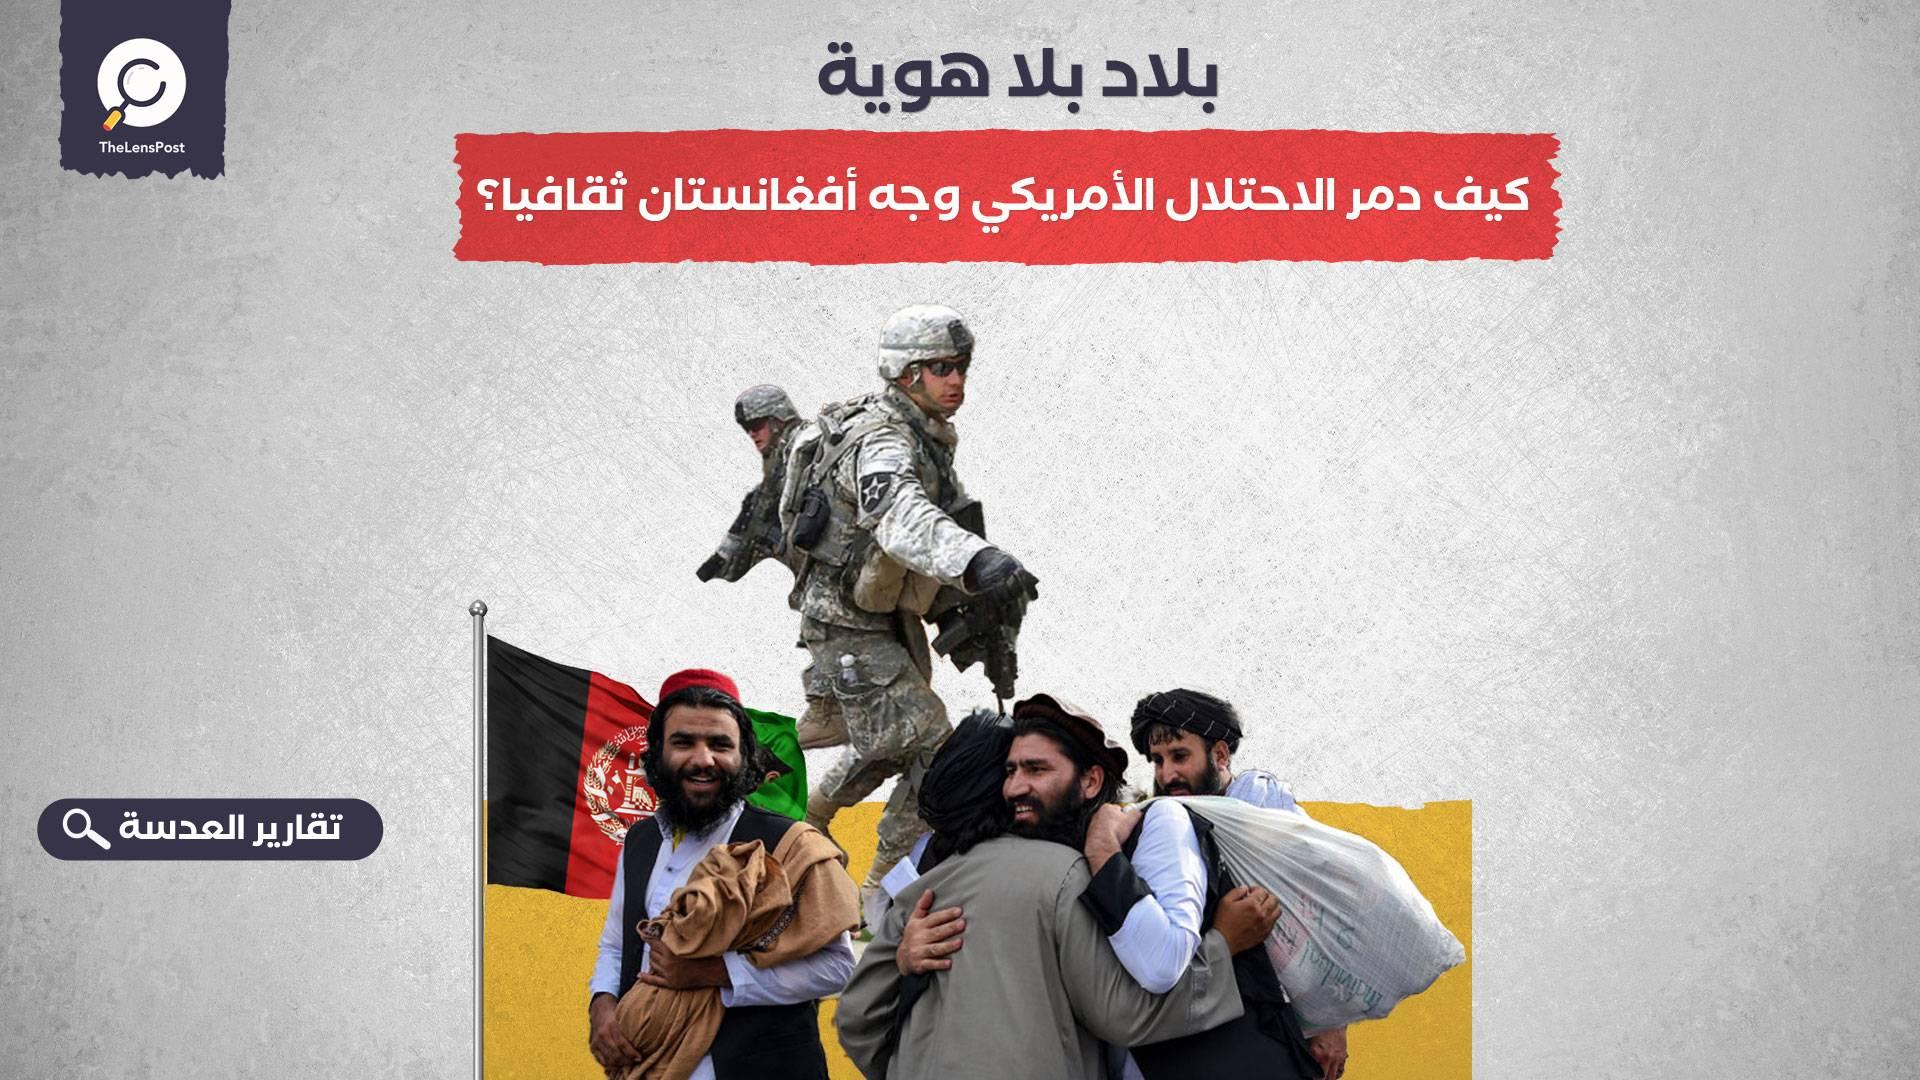 بلاد بلا هوية.. كيف دمر الاحتلال الأمريكي وجه أفغانستان ثقافيا؟